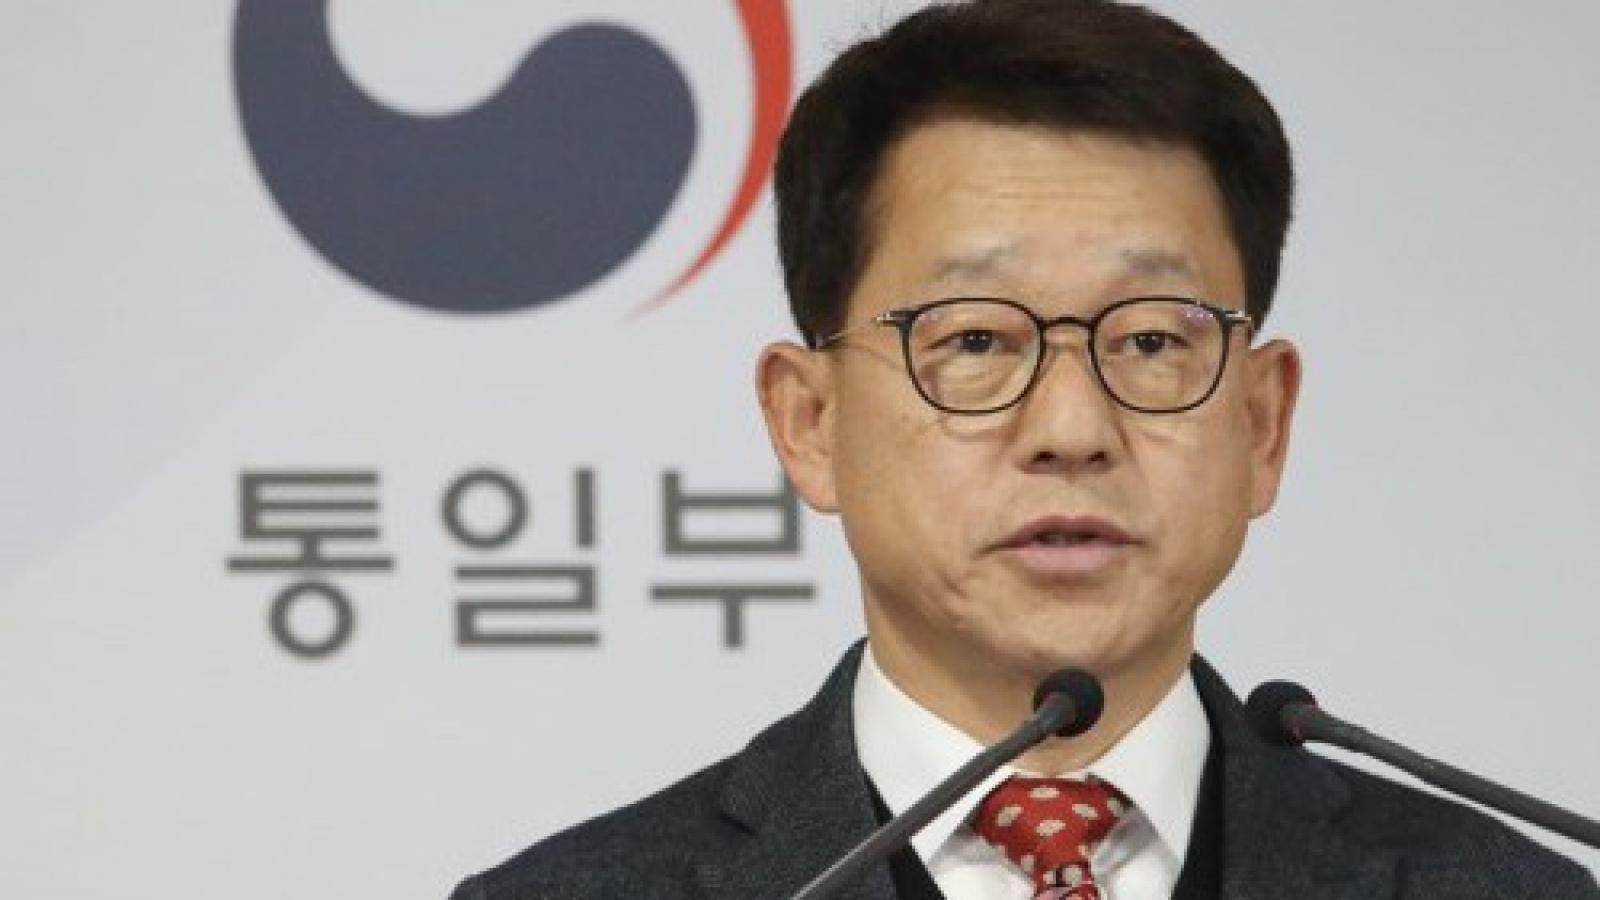 Hàn Quốc sẽ dỡ bỏ lệnh cấm vận Triều Tiên?